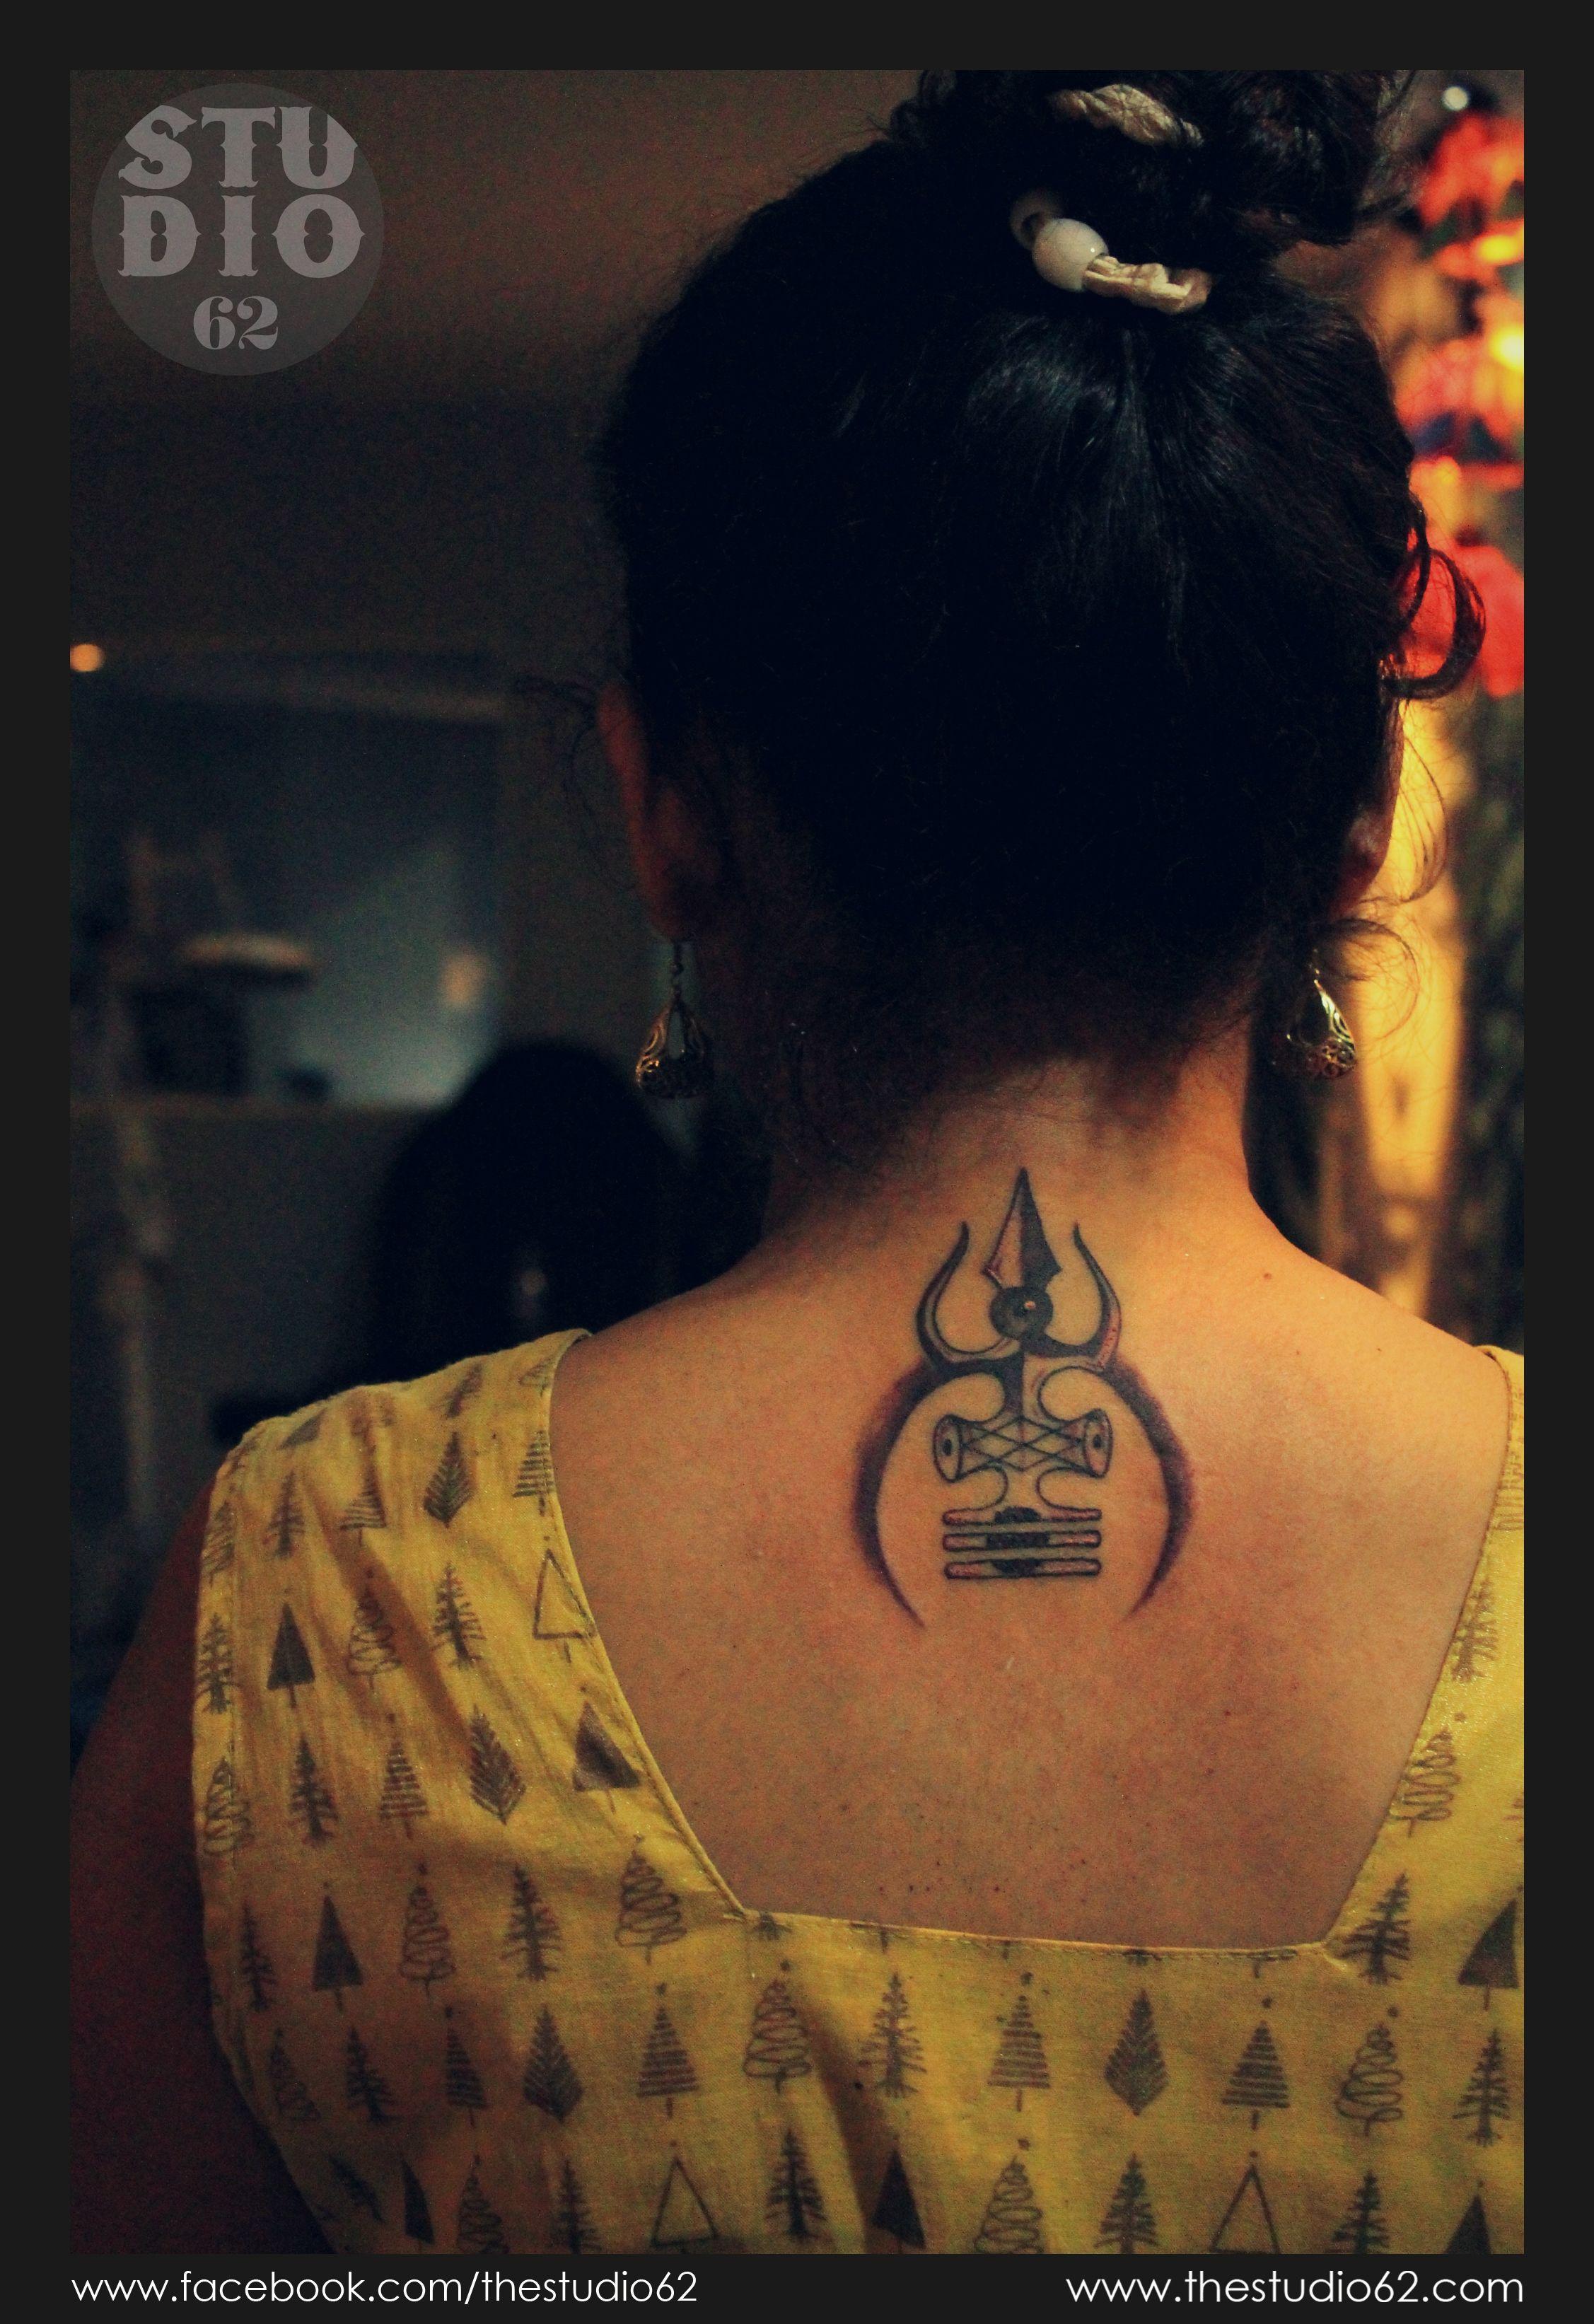 Trishul Wings Tattoo Trishul Shiva Tattoo Back Neck Neck Tattoo For Guys Back Of Neck Tattoo Neck Tattoo